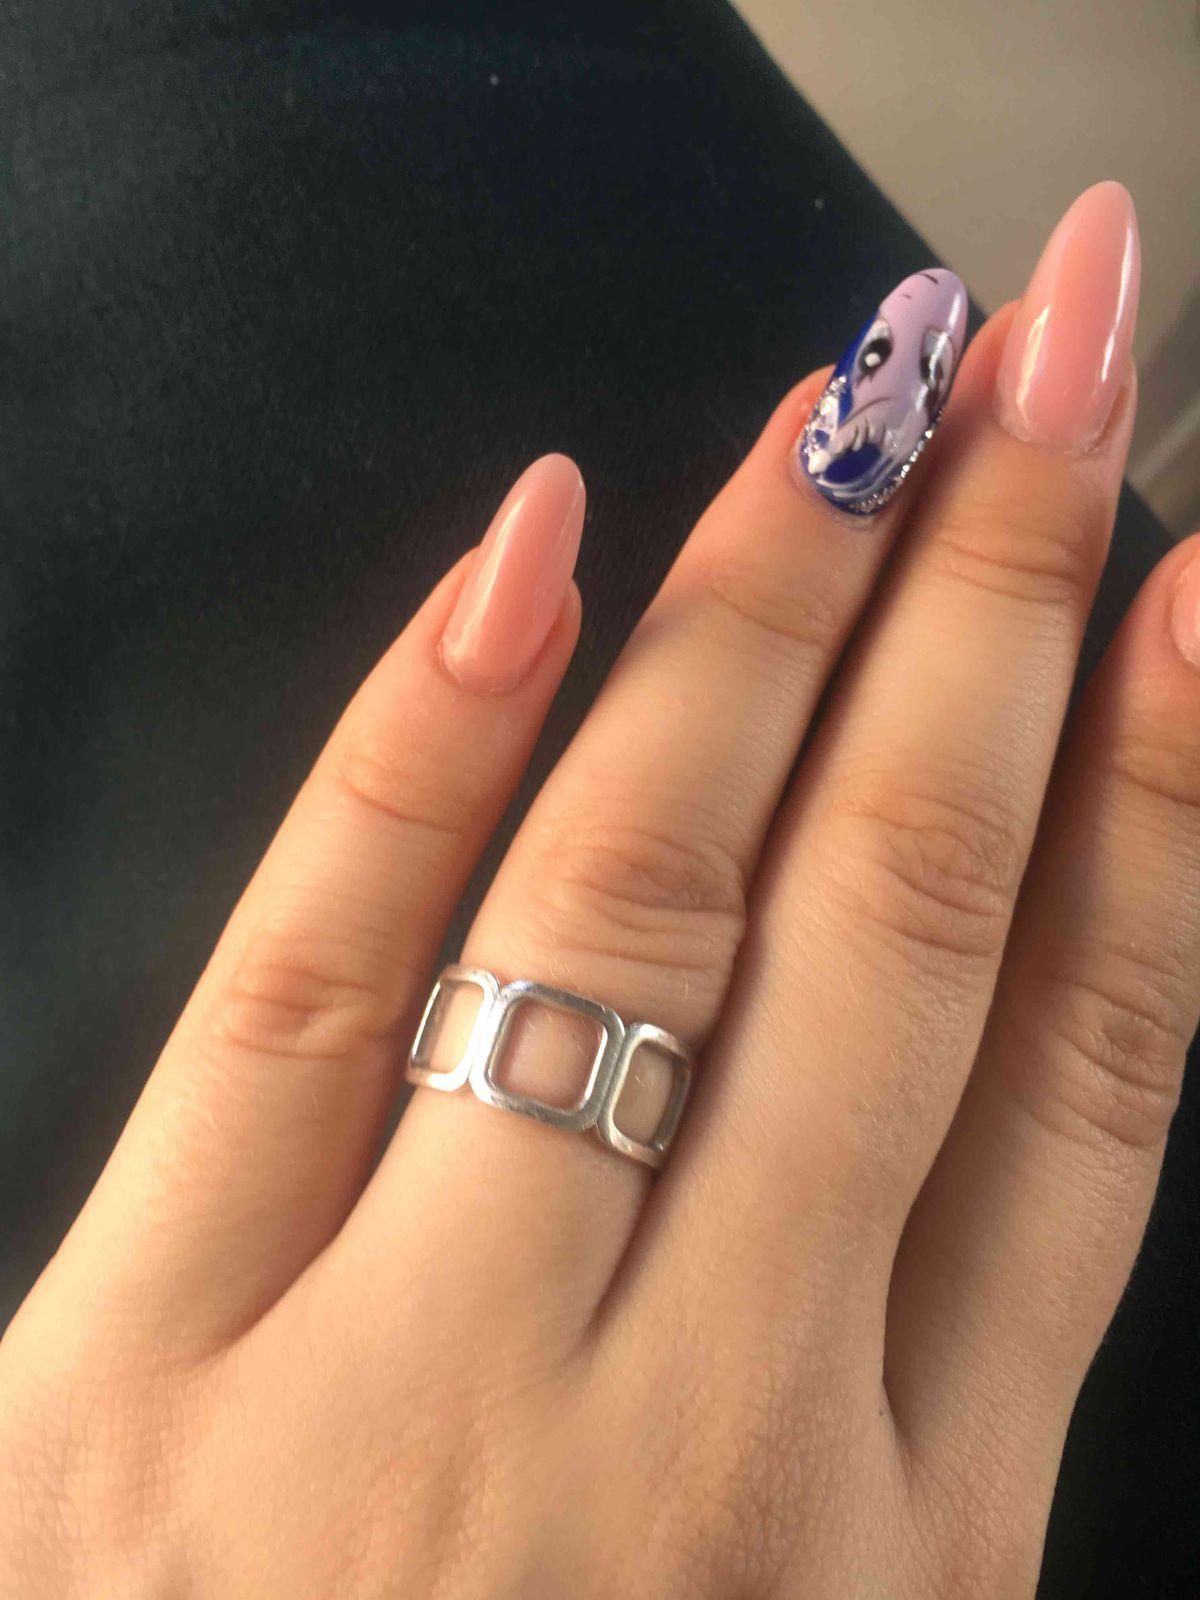 Красивое кольцо, но быстро потеряло первоначальный вид